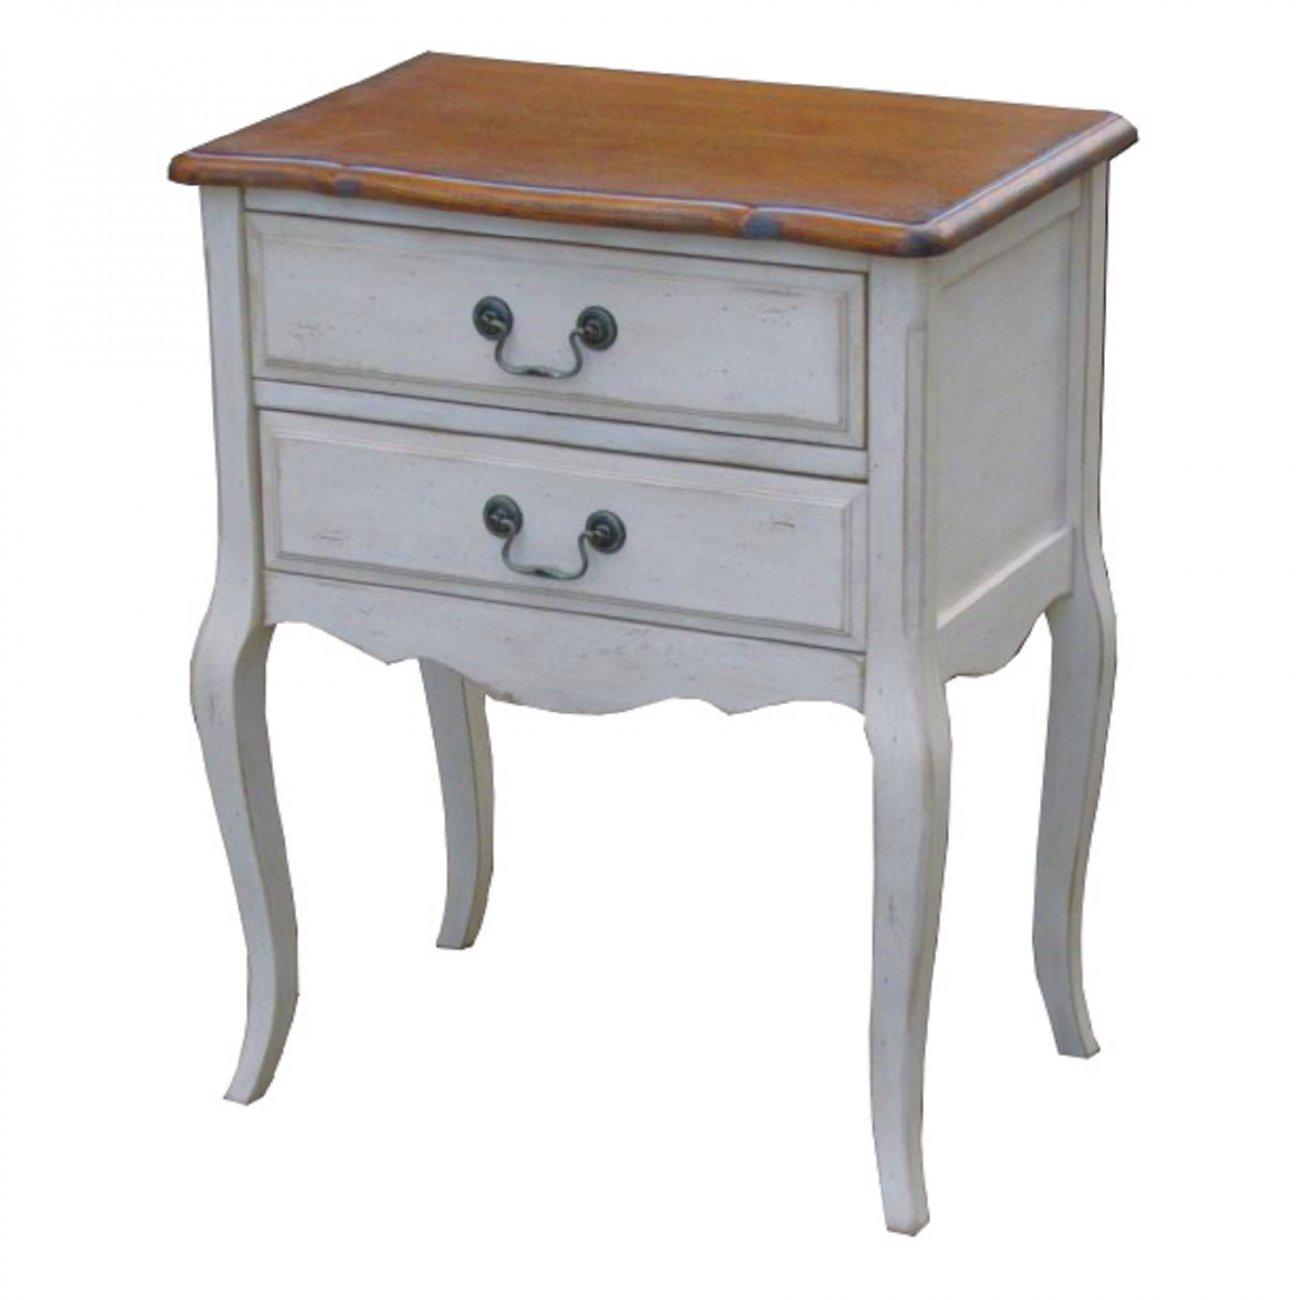 Купить Прикроватная тумба Mobilier de Maison Белая в интернет магазине дизайнерской мебели и аксессуаров для дома и дачи